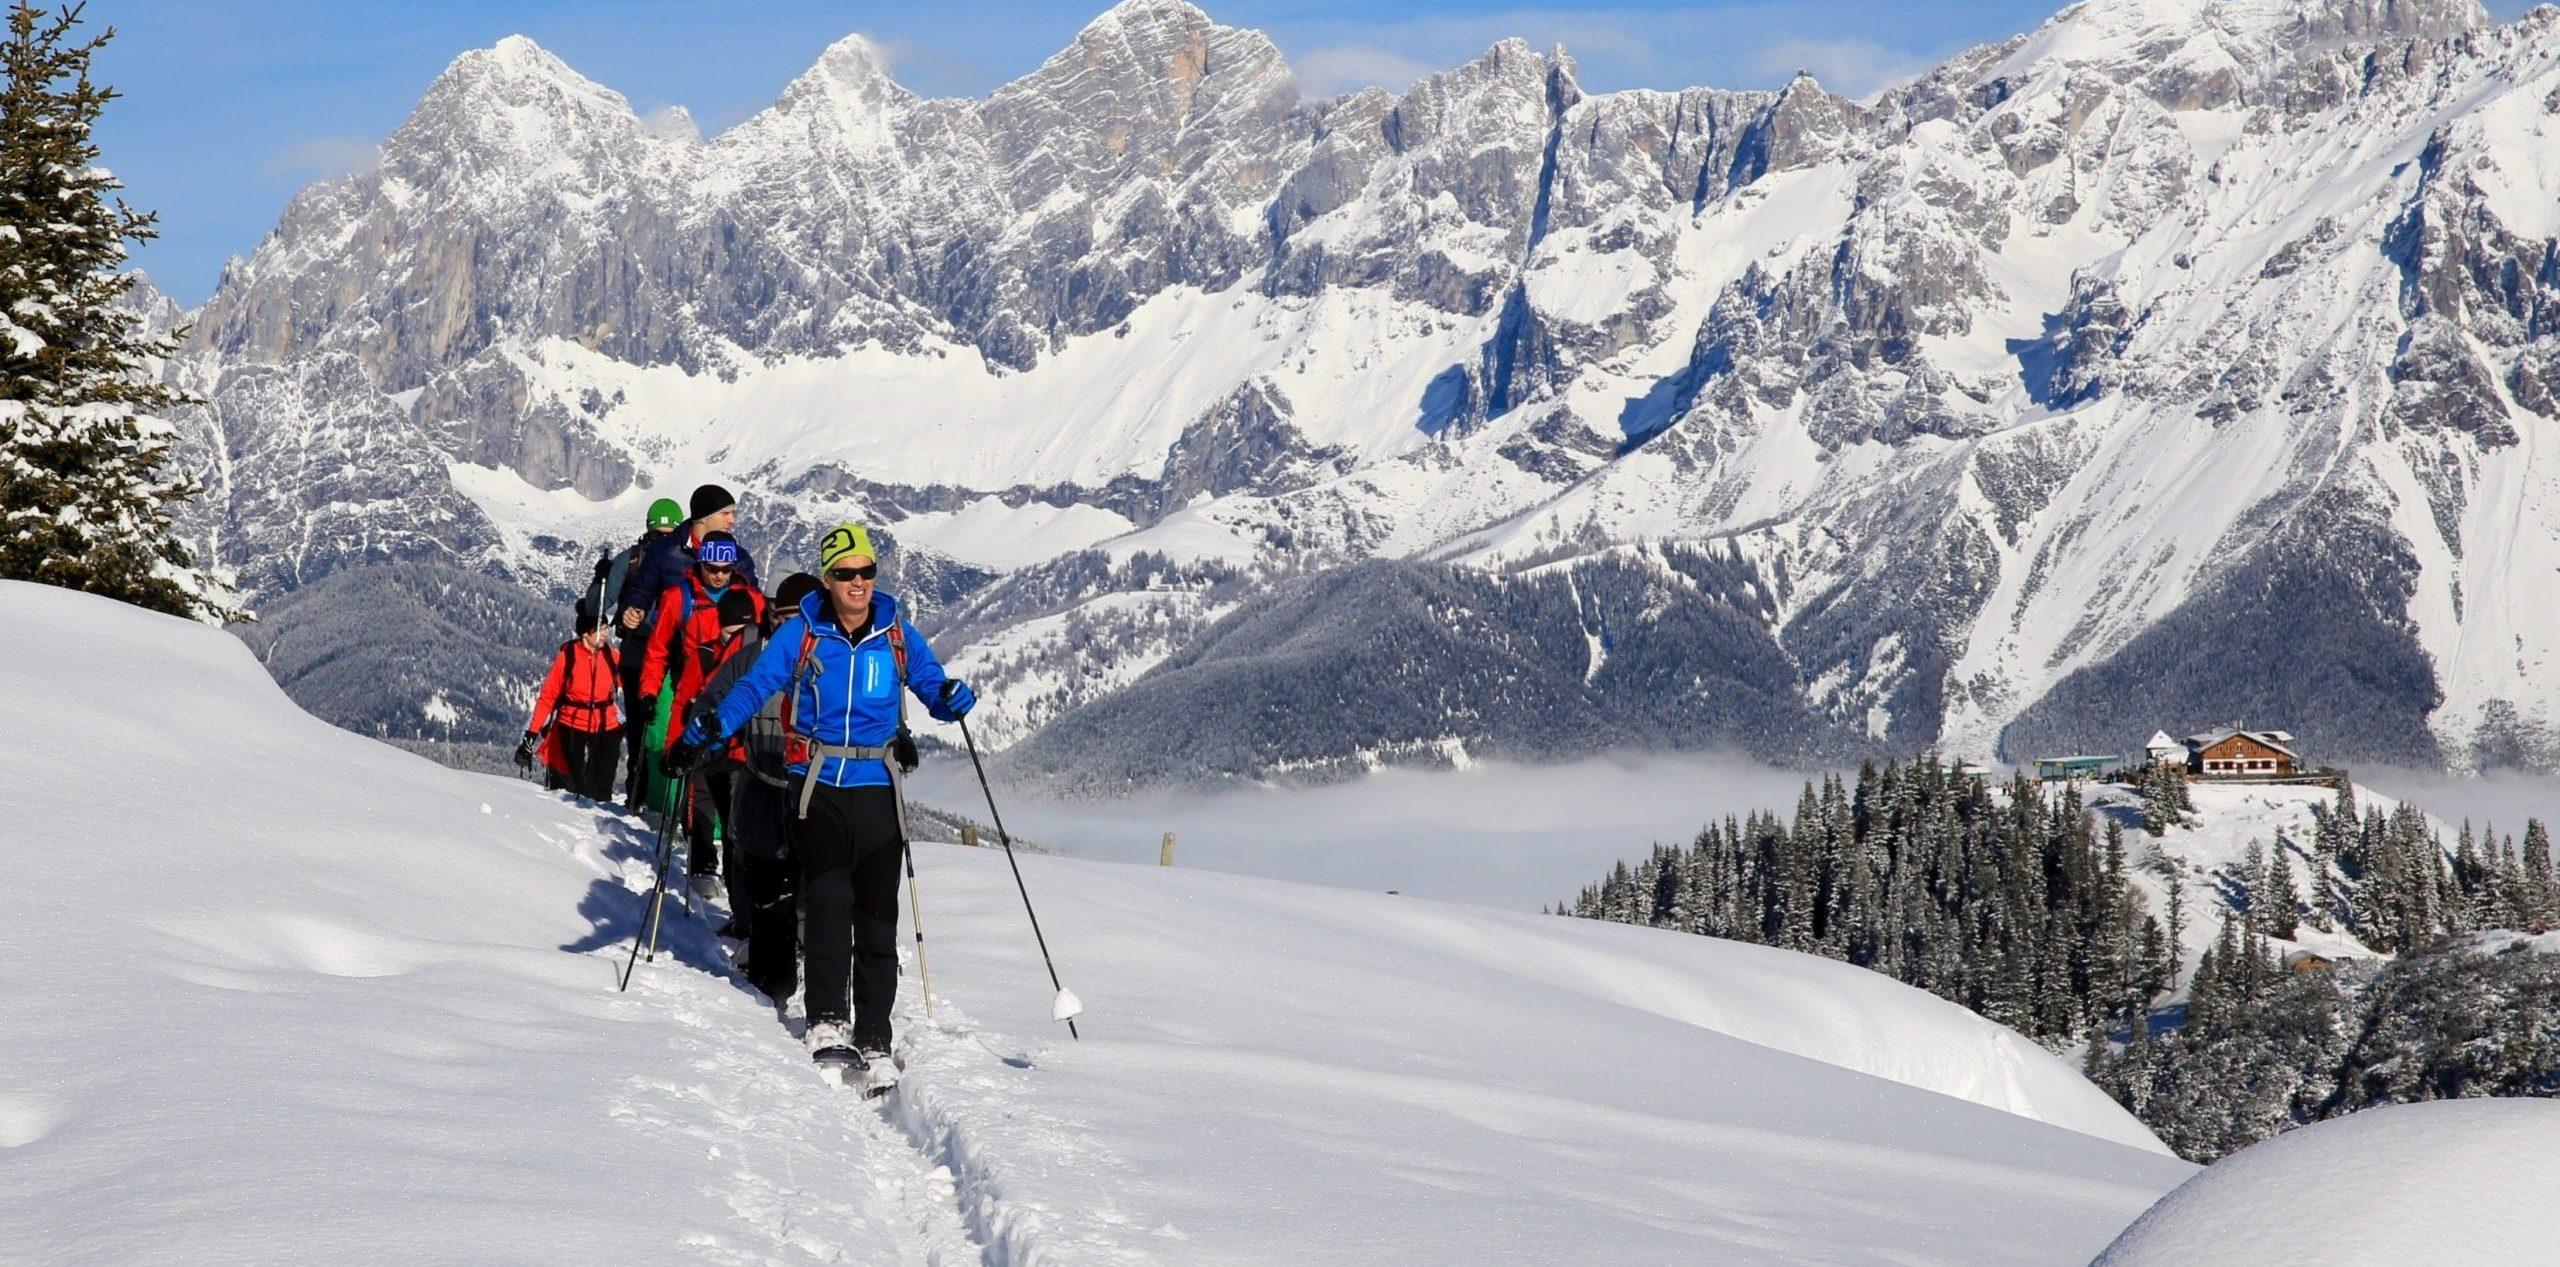 Oostenrijk | sneeuwschoenwandelen